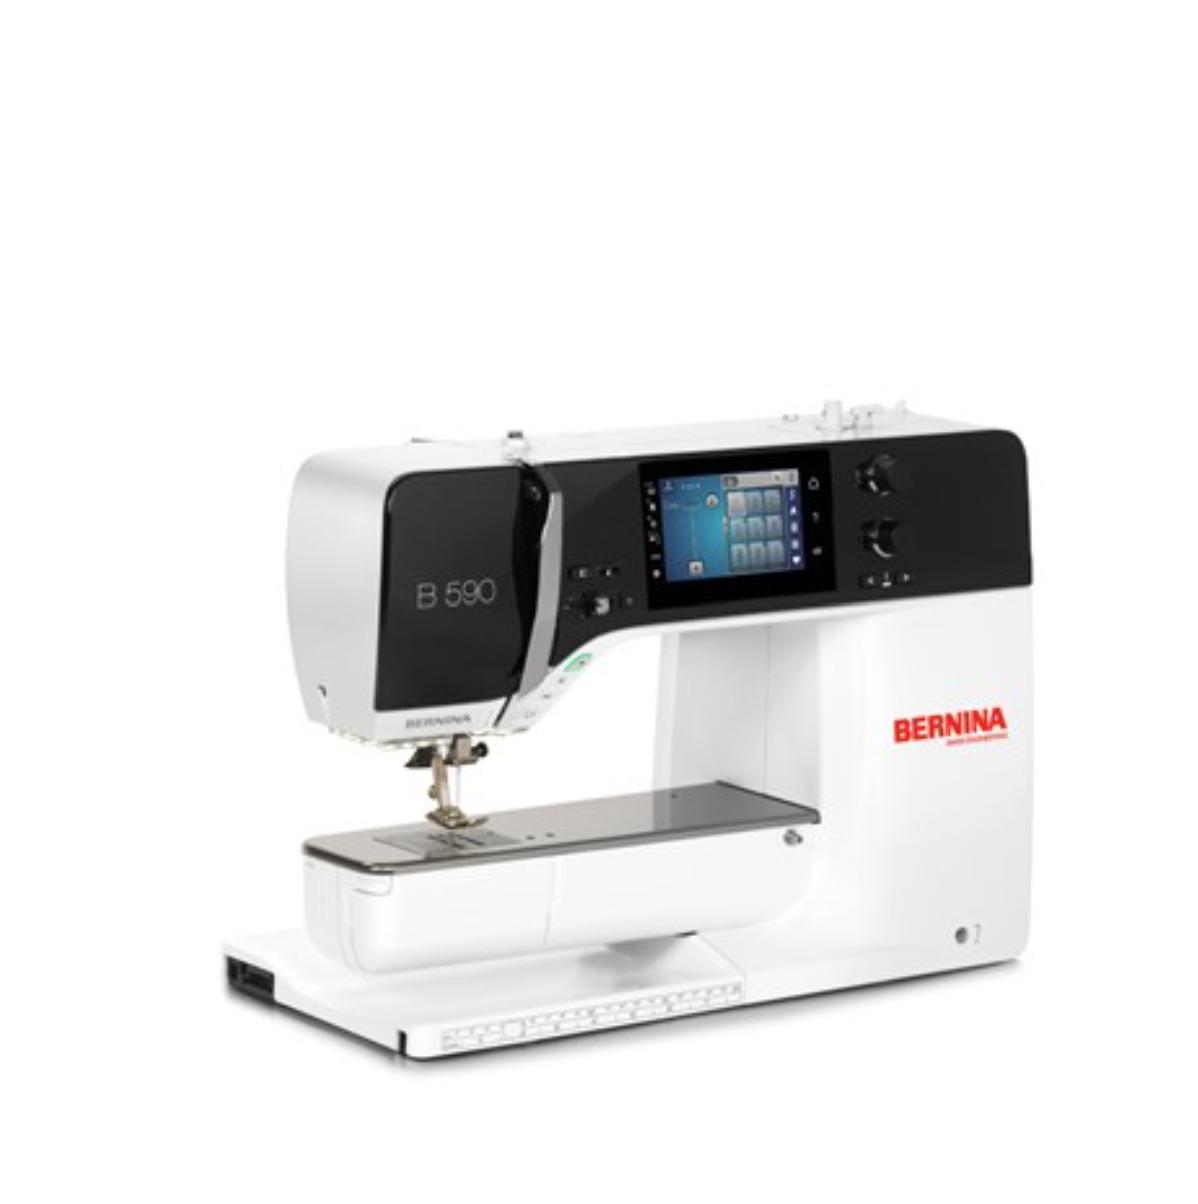 Bernina 590/B 590 E Sewing/Embroidery Machine